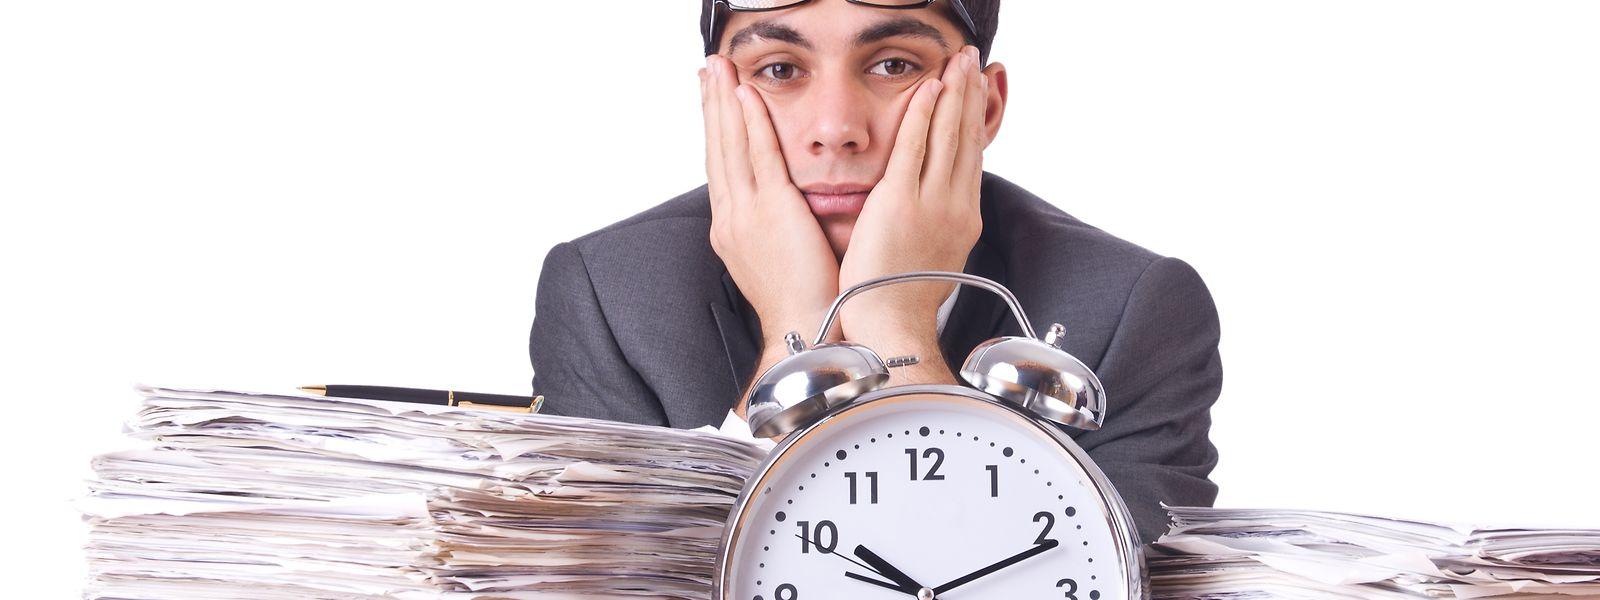 A la semaine de 40 heures, les CDI préféreraient 36,3 à 38,7 heures hebdomadaires, payées le même prix